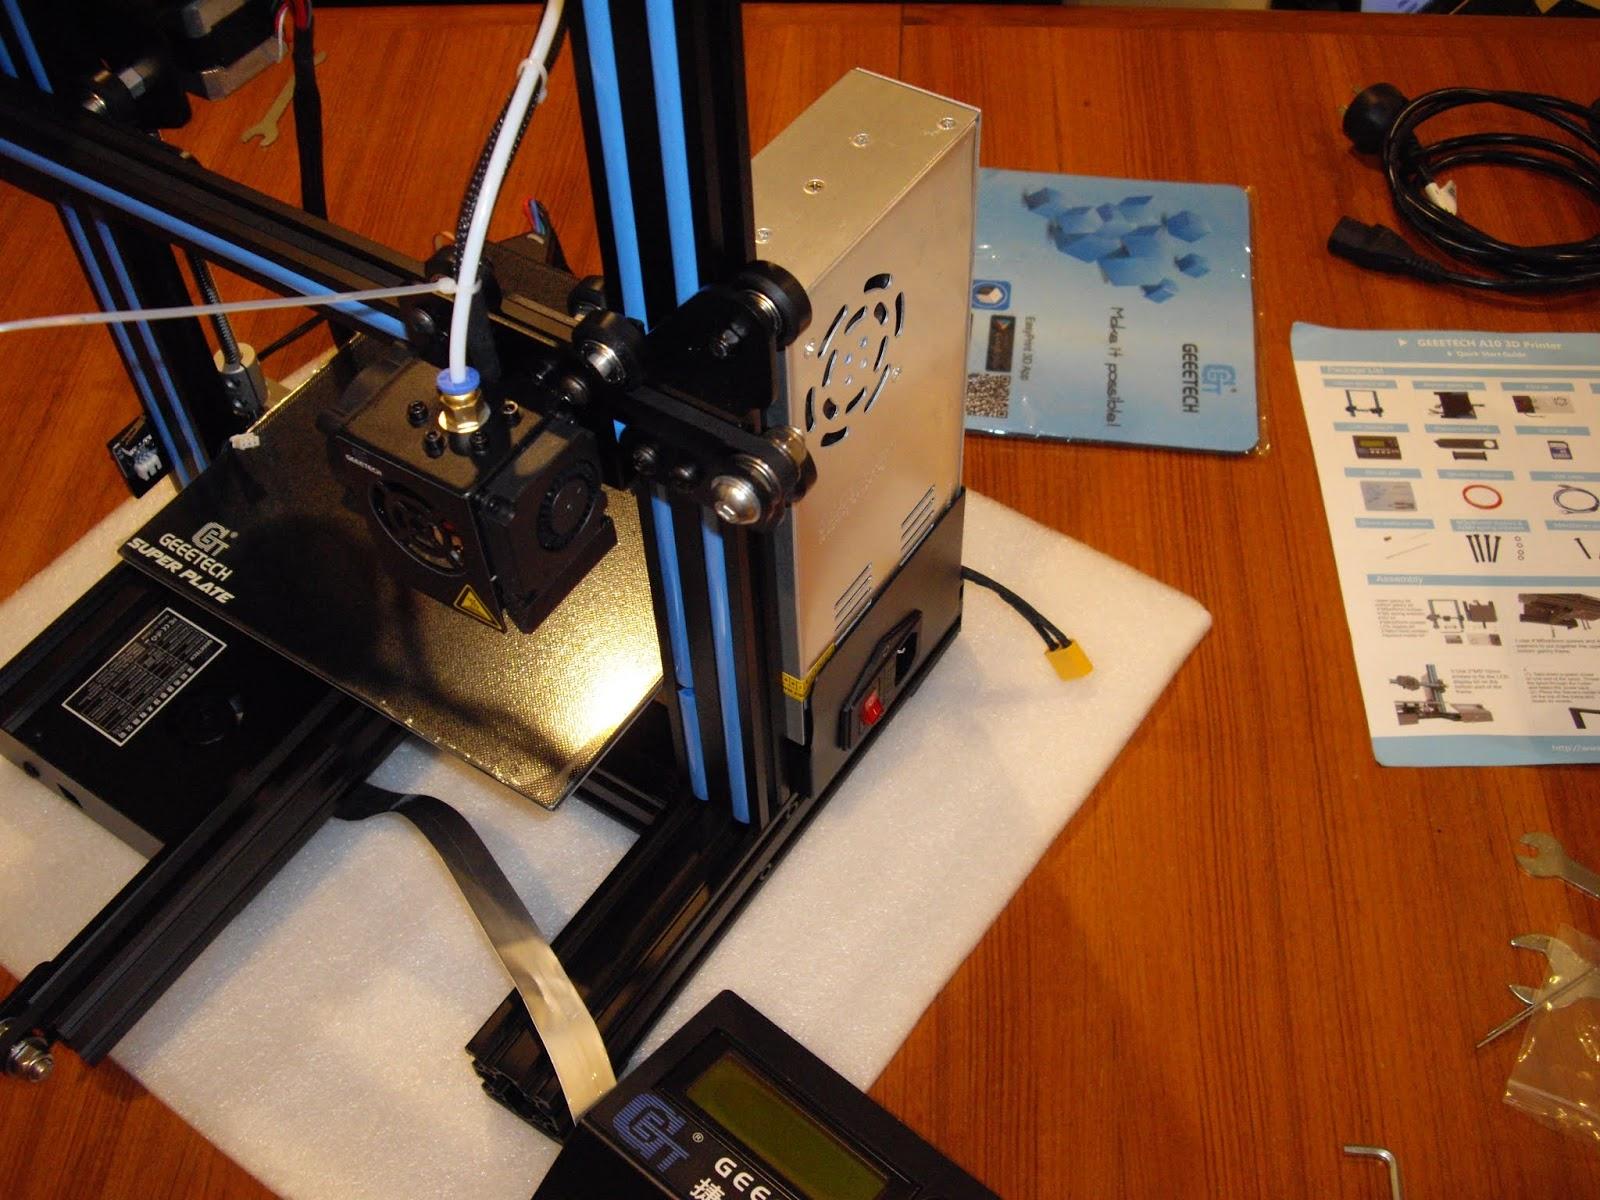 PEZZER'S 3D PRINTER BLOG: GeeeTech A10 Review